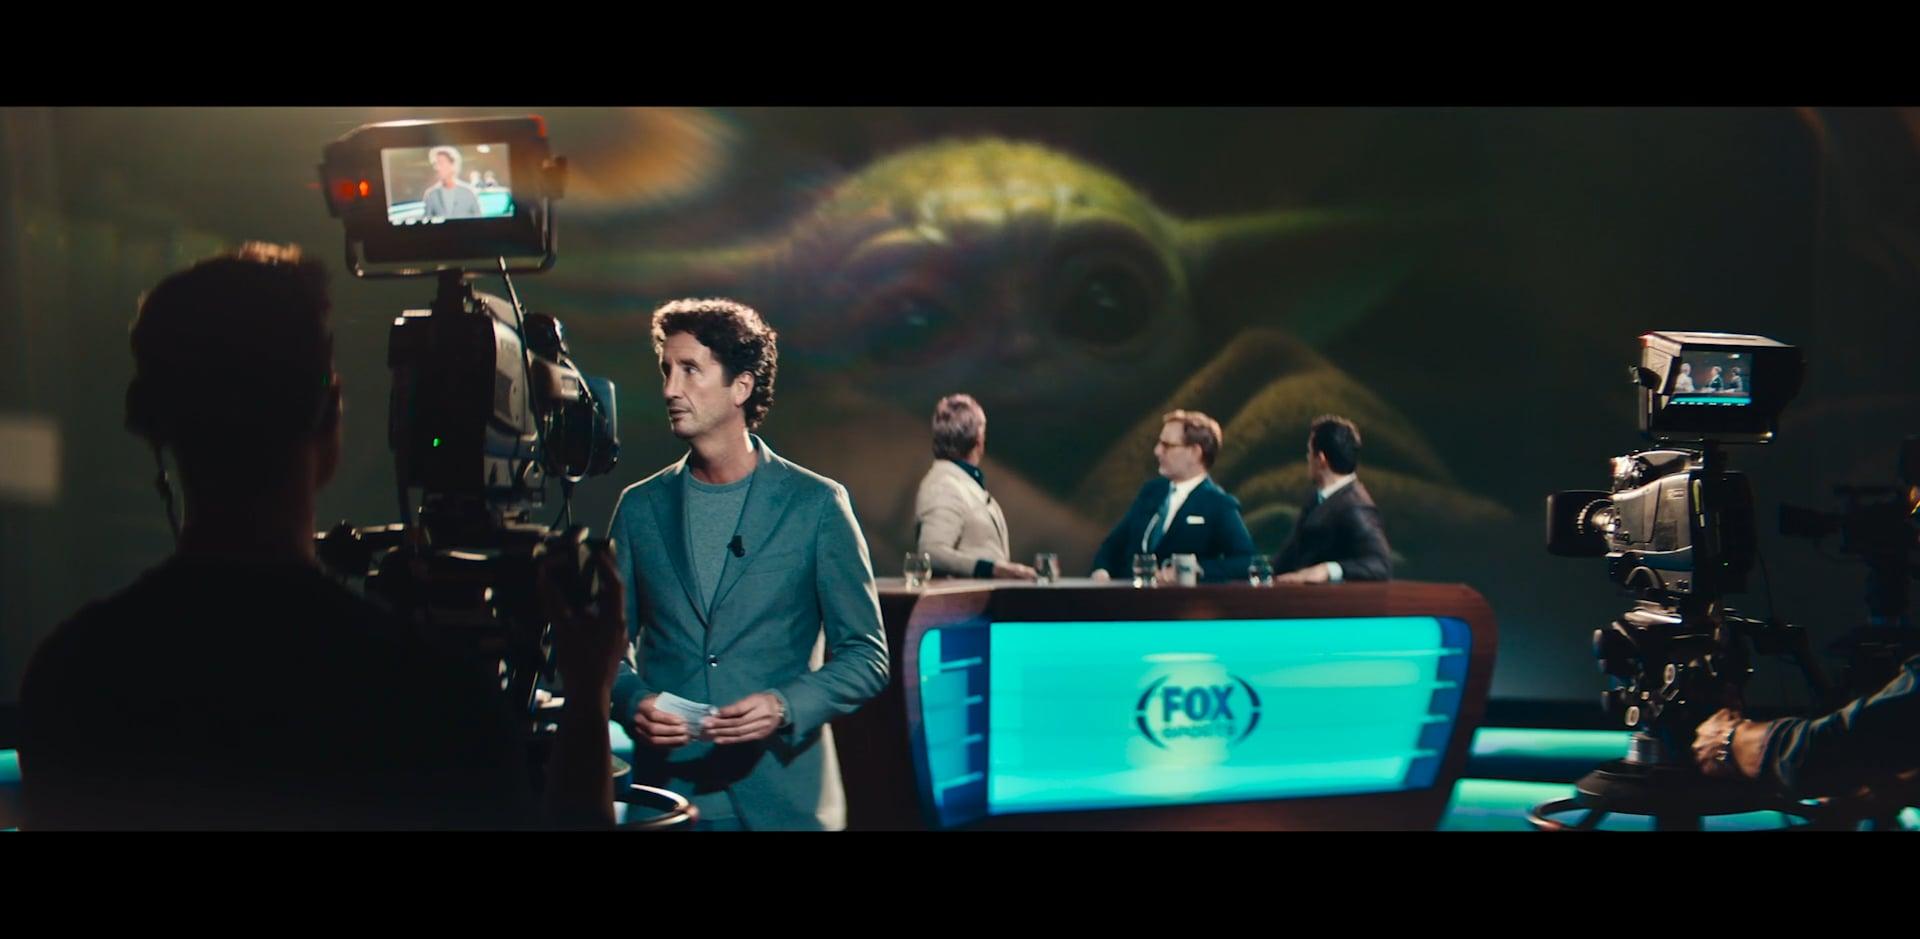 Fox Sports Mandalorian